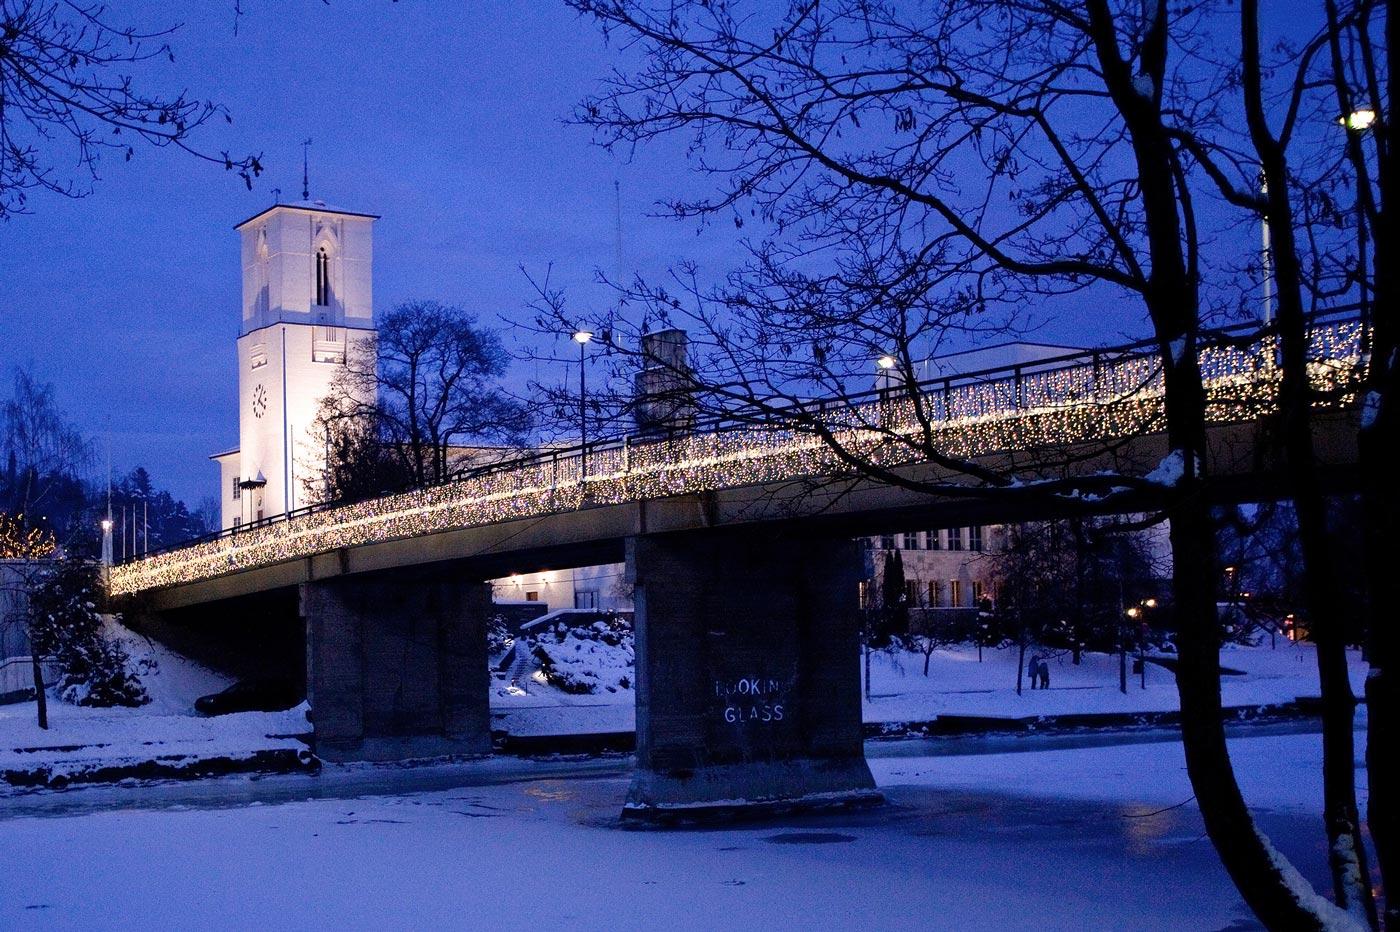 Under julemarkedet i Løkkehaven vil du oppleve salgsboder, hesteridning, lykkehjul, levende musikk, julekino, tenning av juletre, magisk aften i steinhuset, nissen og andre overraskelser.